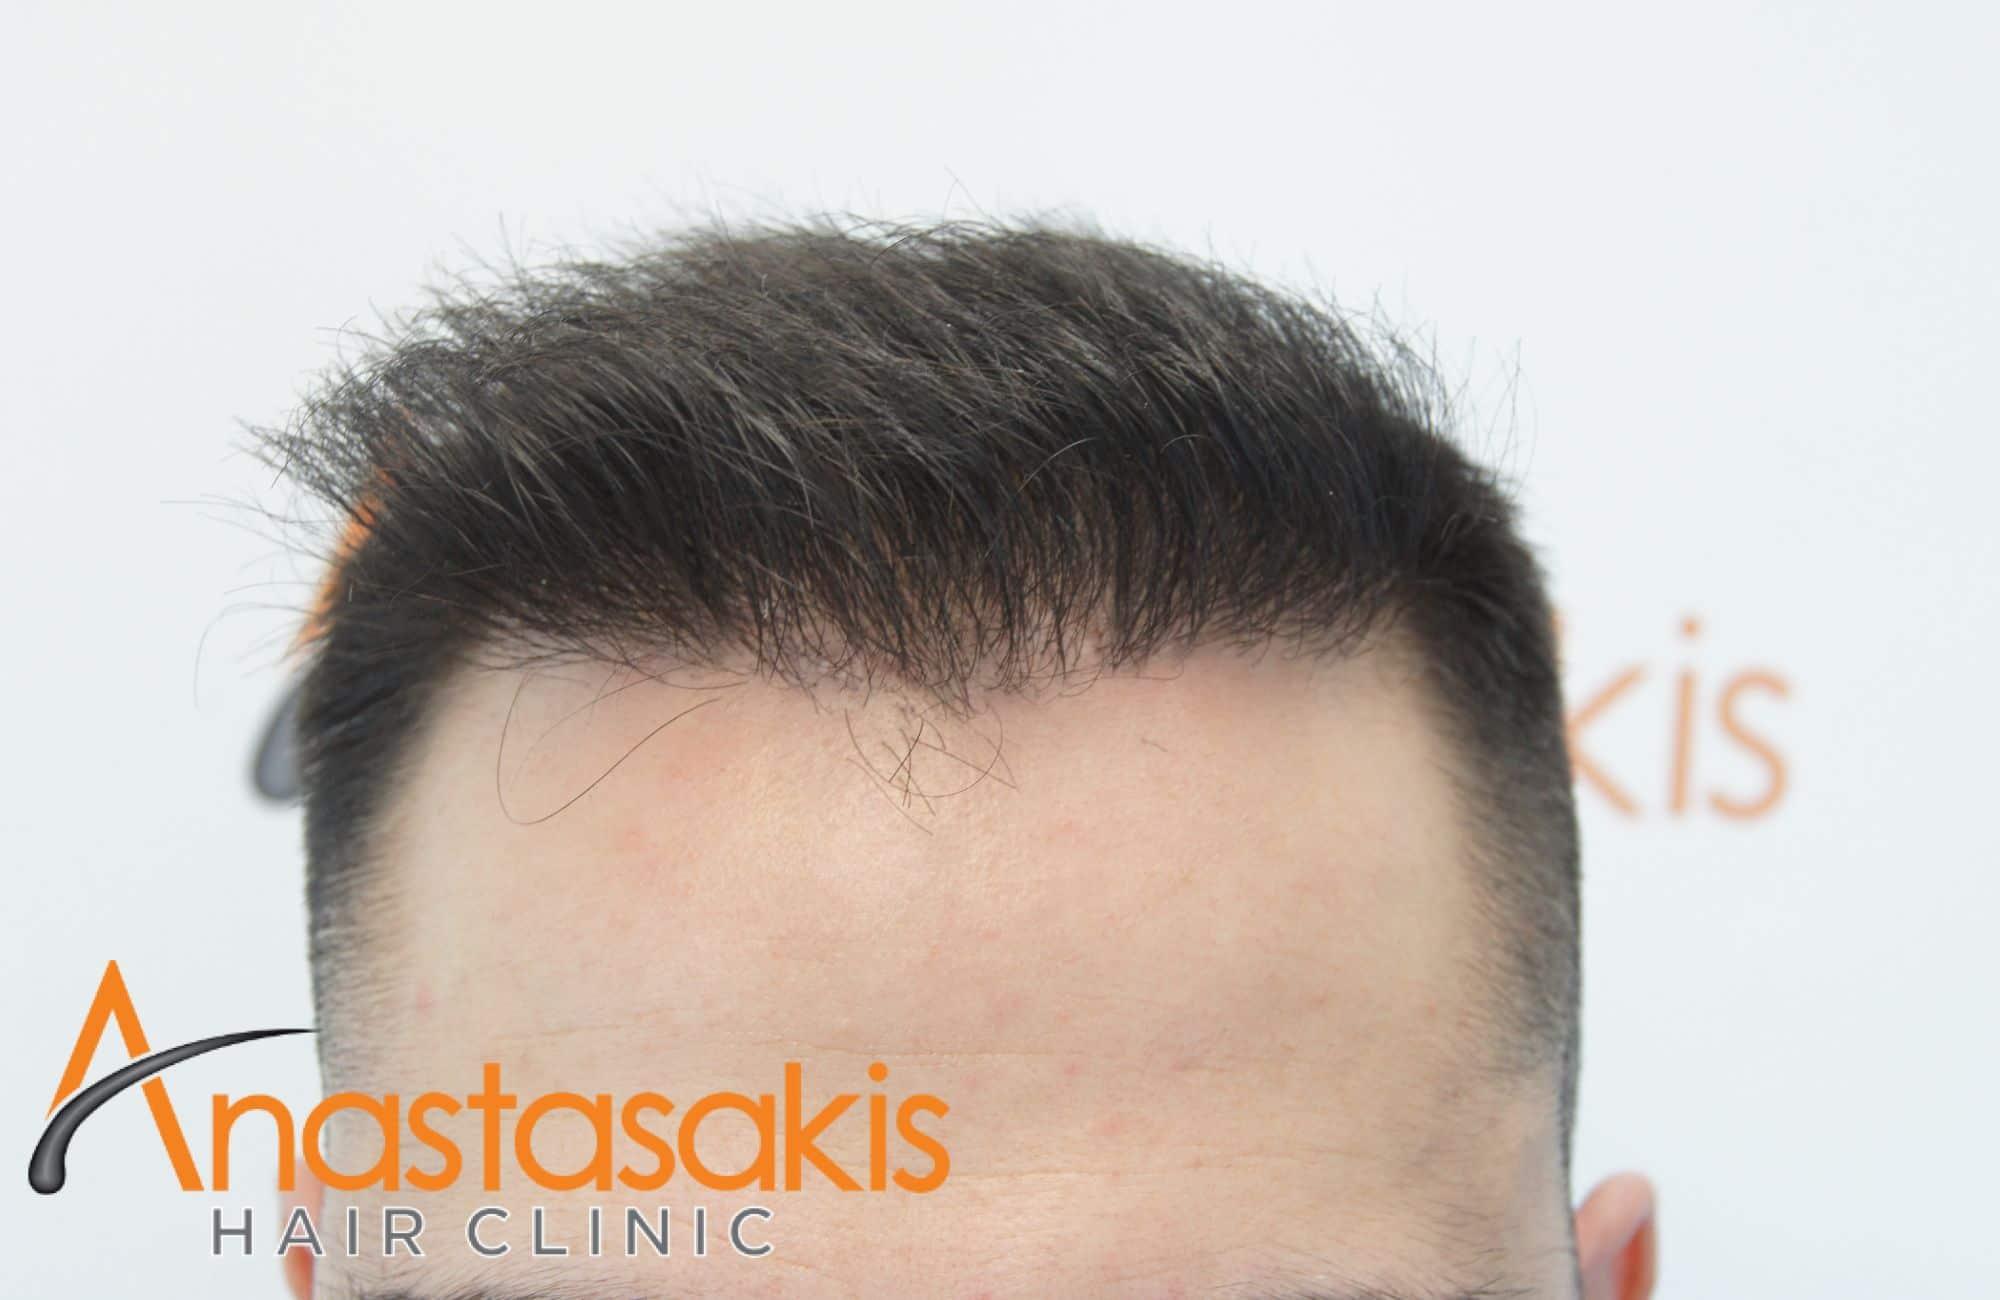 περιστατικο με 1477 fus 6 μήνες μετα την επεμβαση hairline